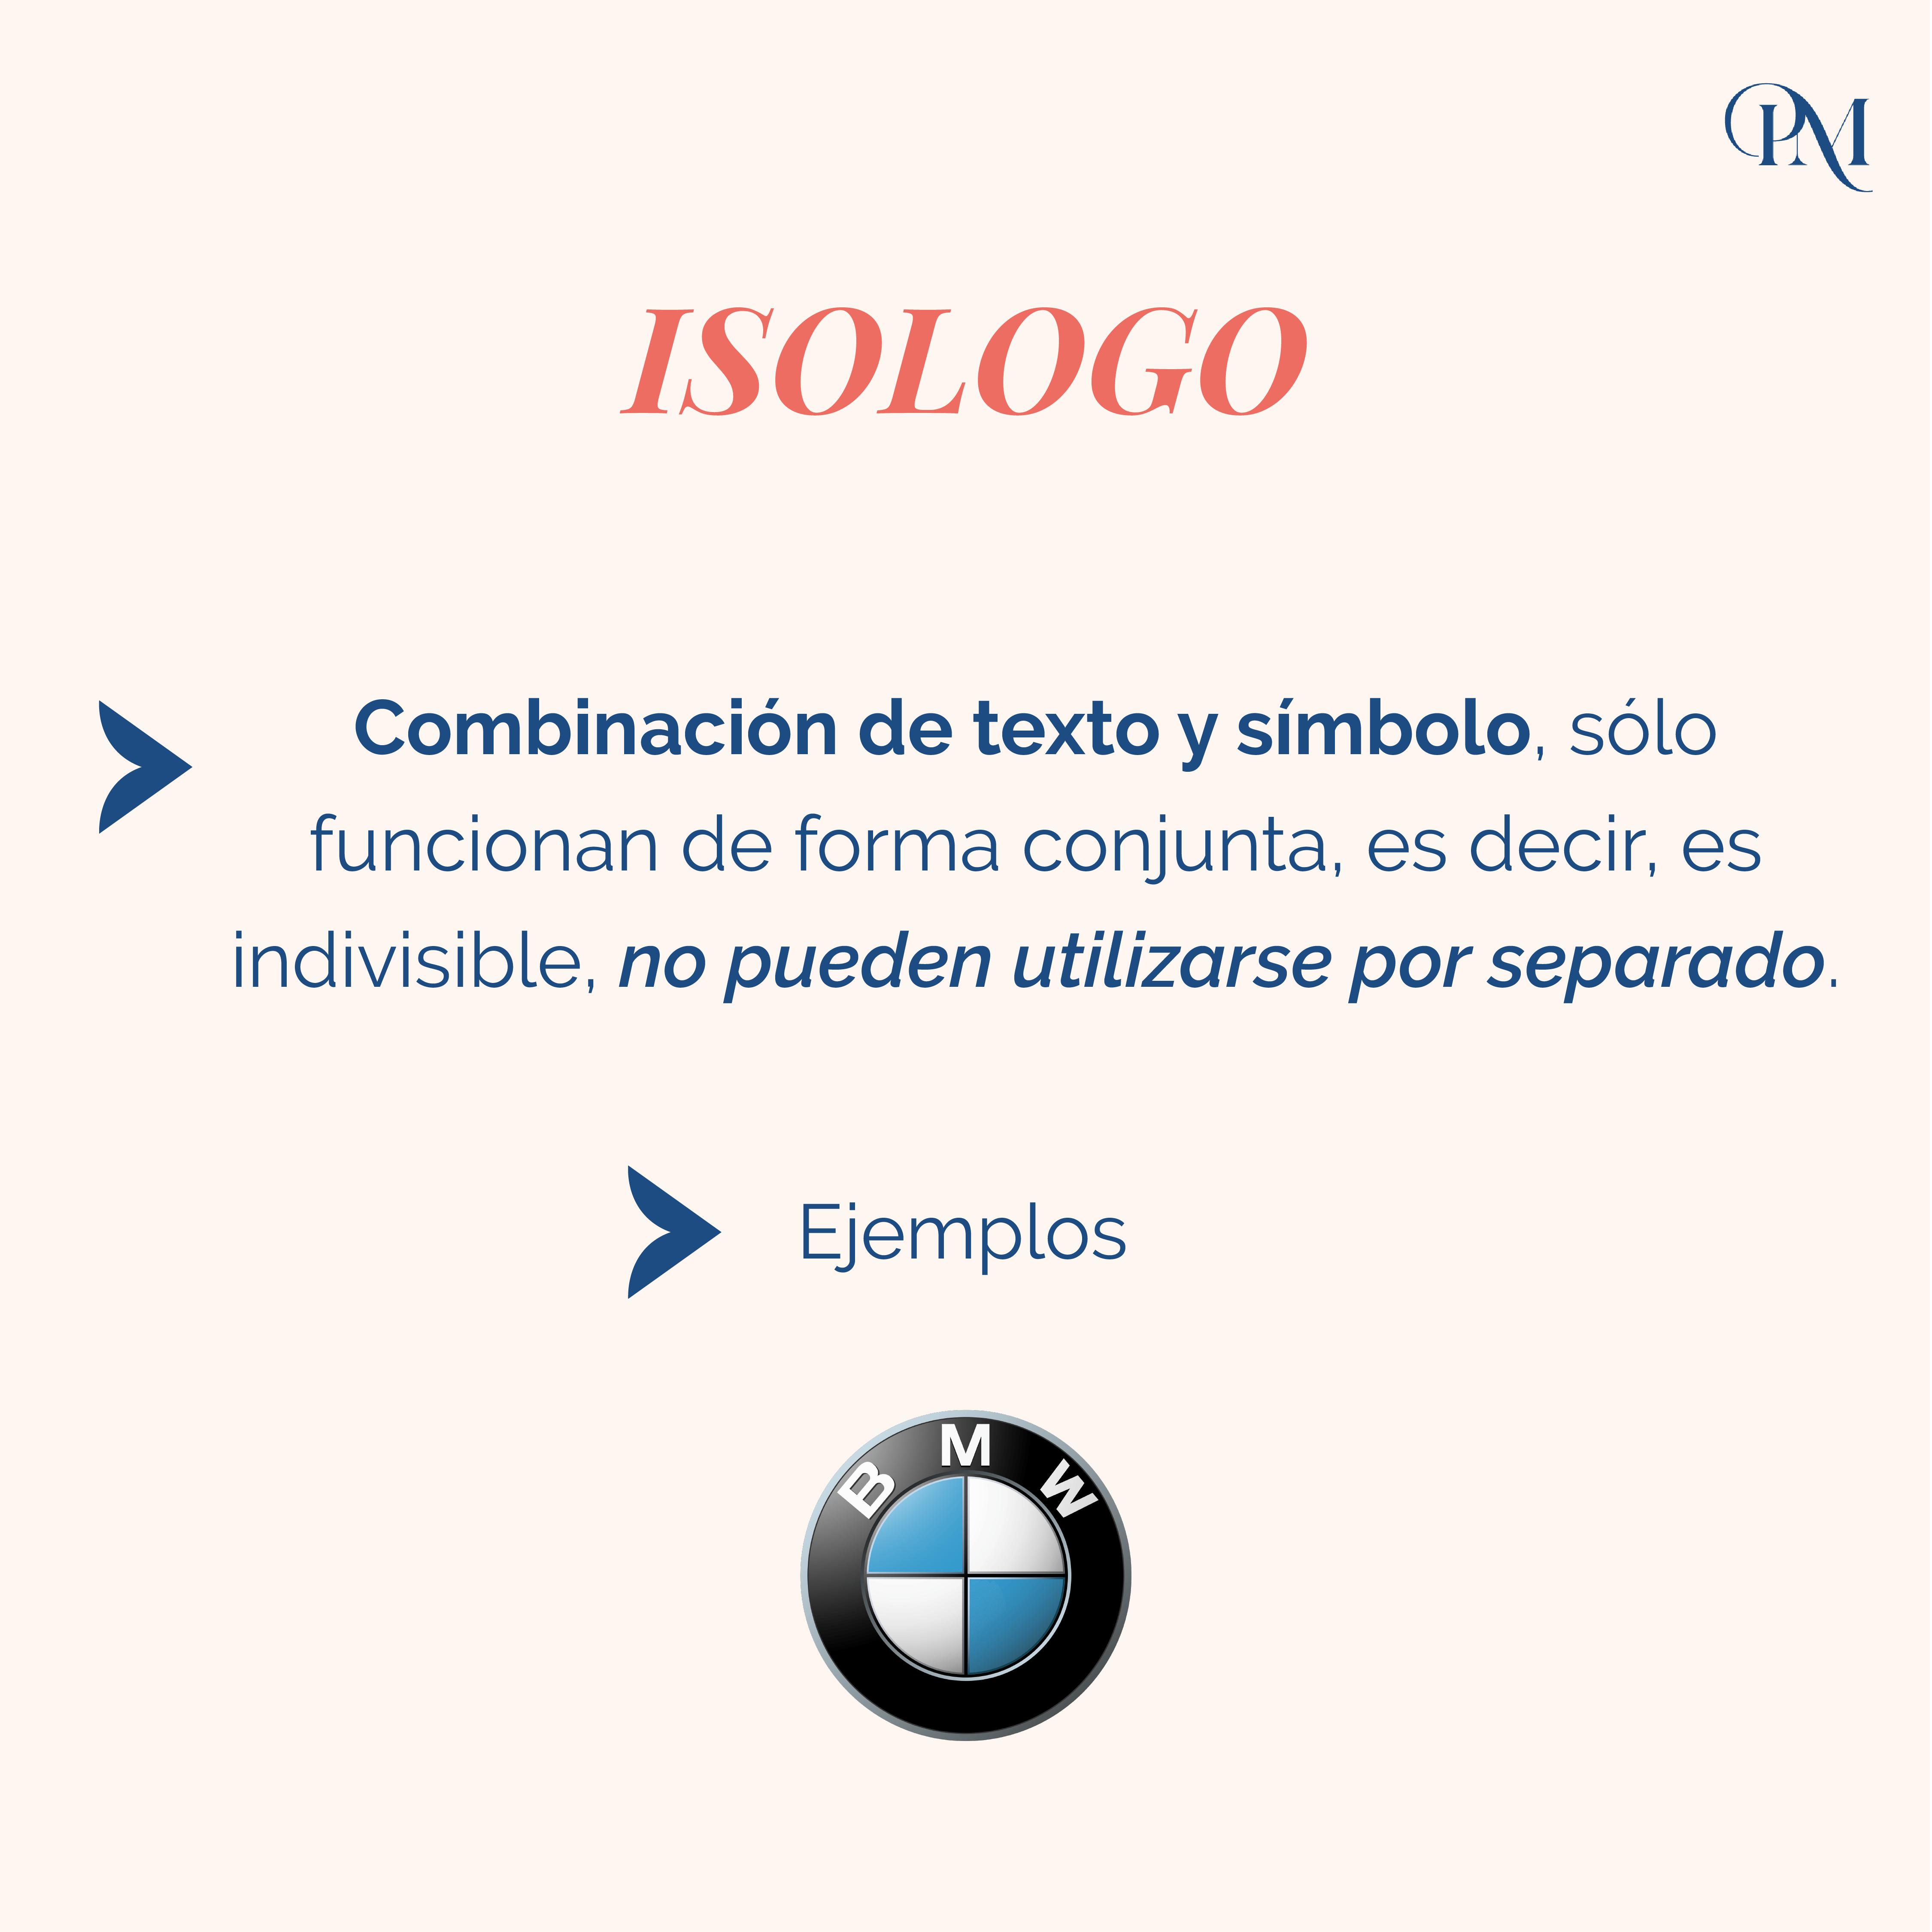 TIPOS DE LOGO - ISOLOGO